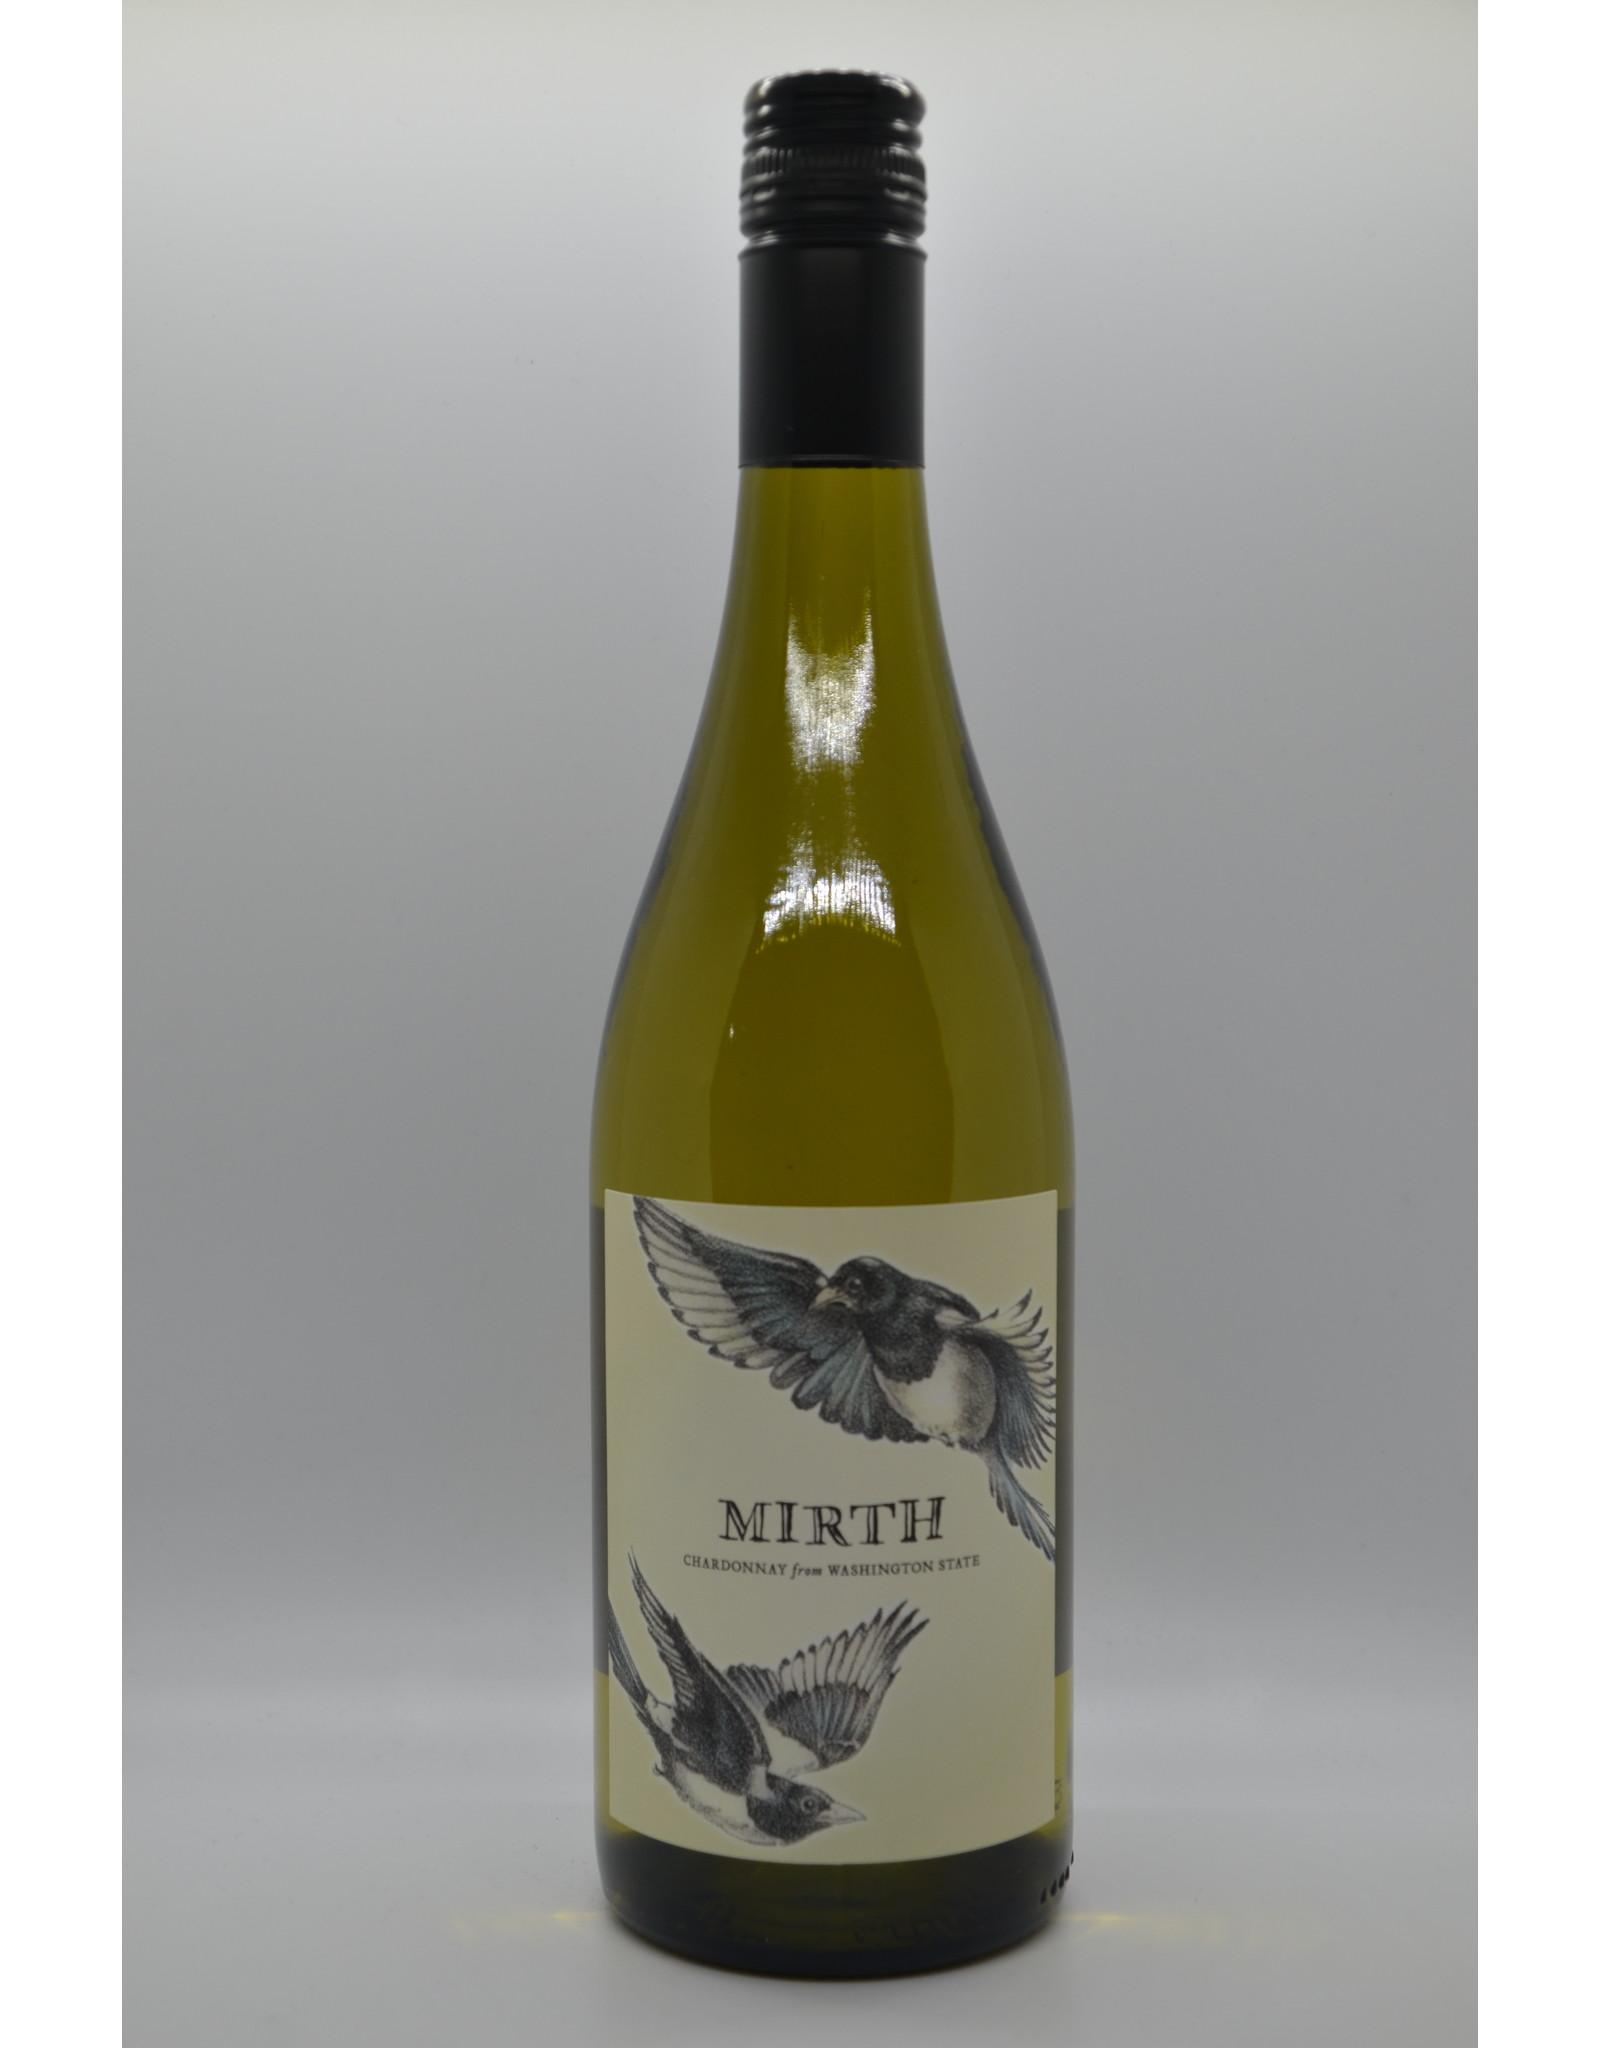 USA Owen Roe Mirth Chardonnay